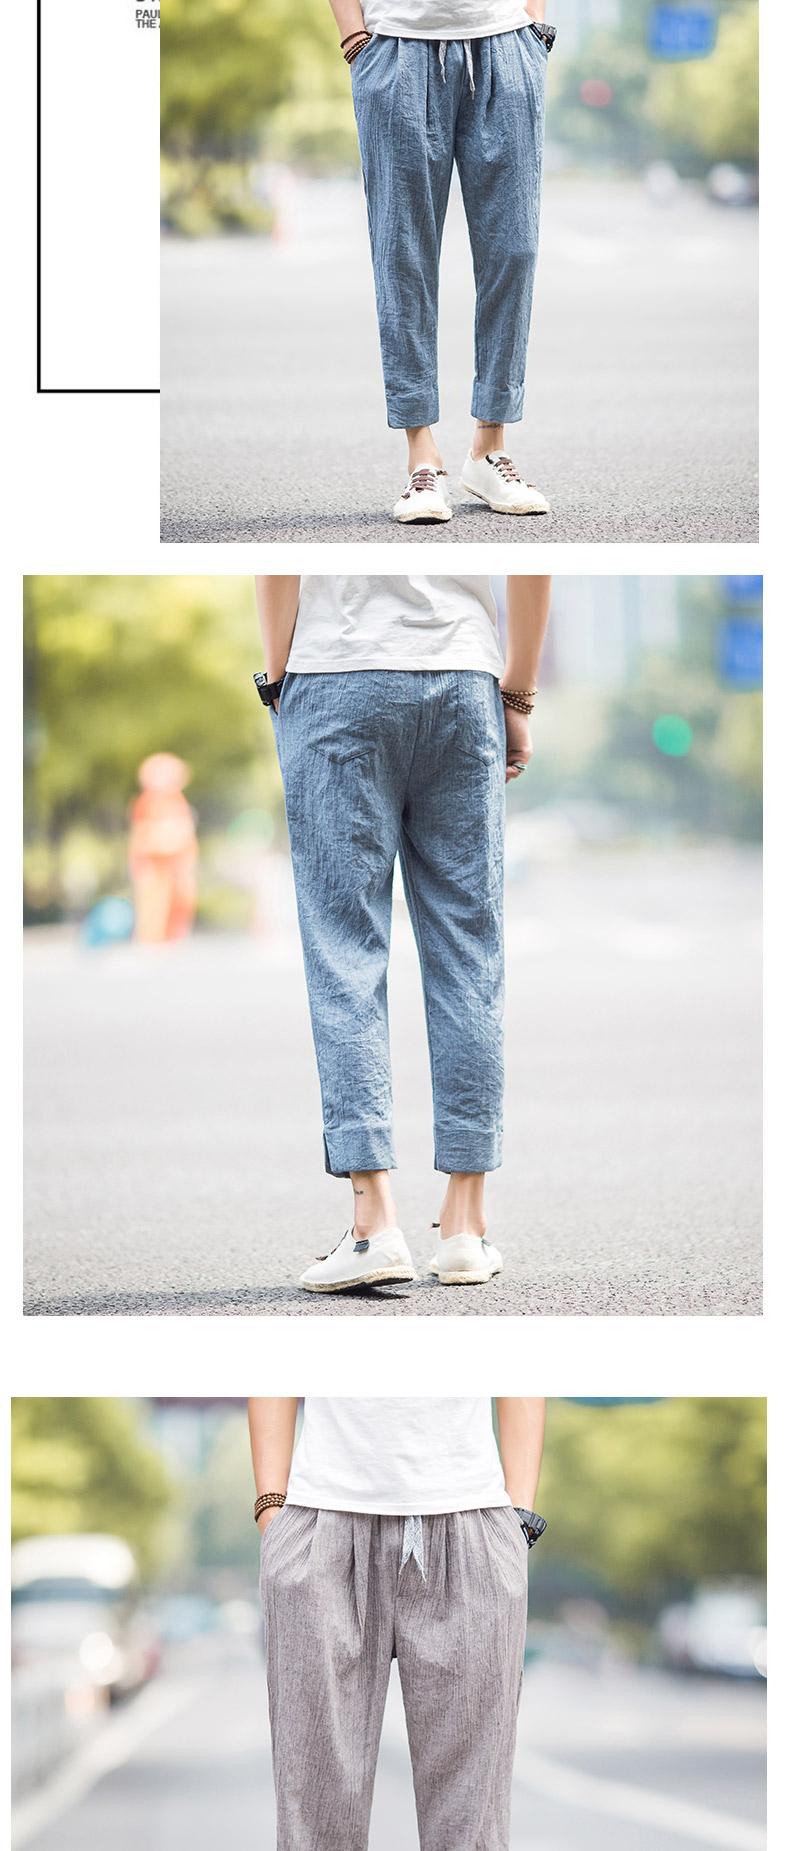 Quần linen nam quần âu phong cách Trung Quốc xu hướng mùa hè feet quần Hàn Quốc phiên bản 9 chín quần nam quần cotton nam